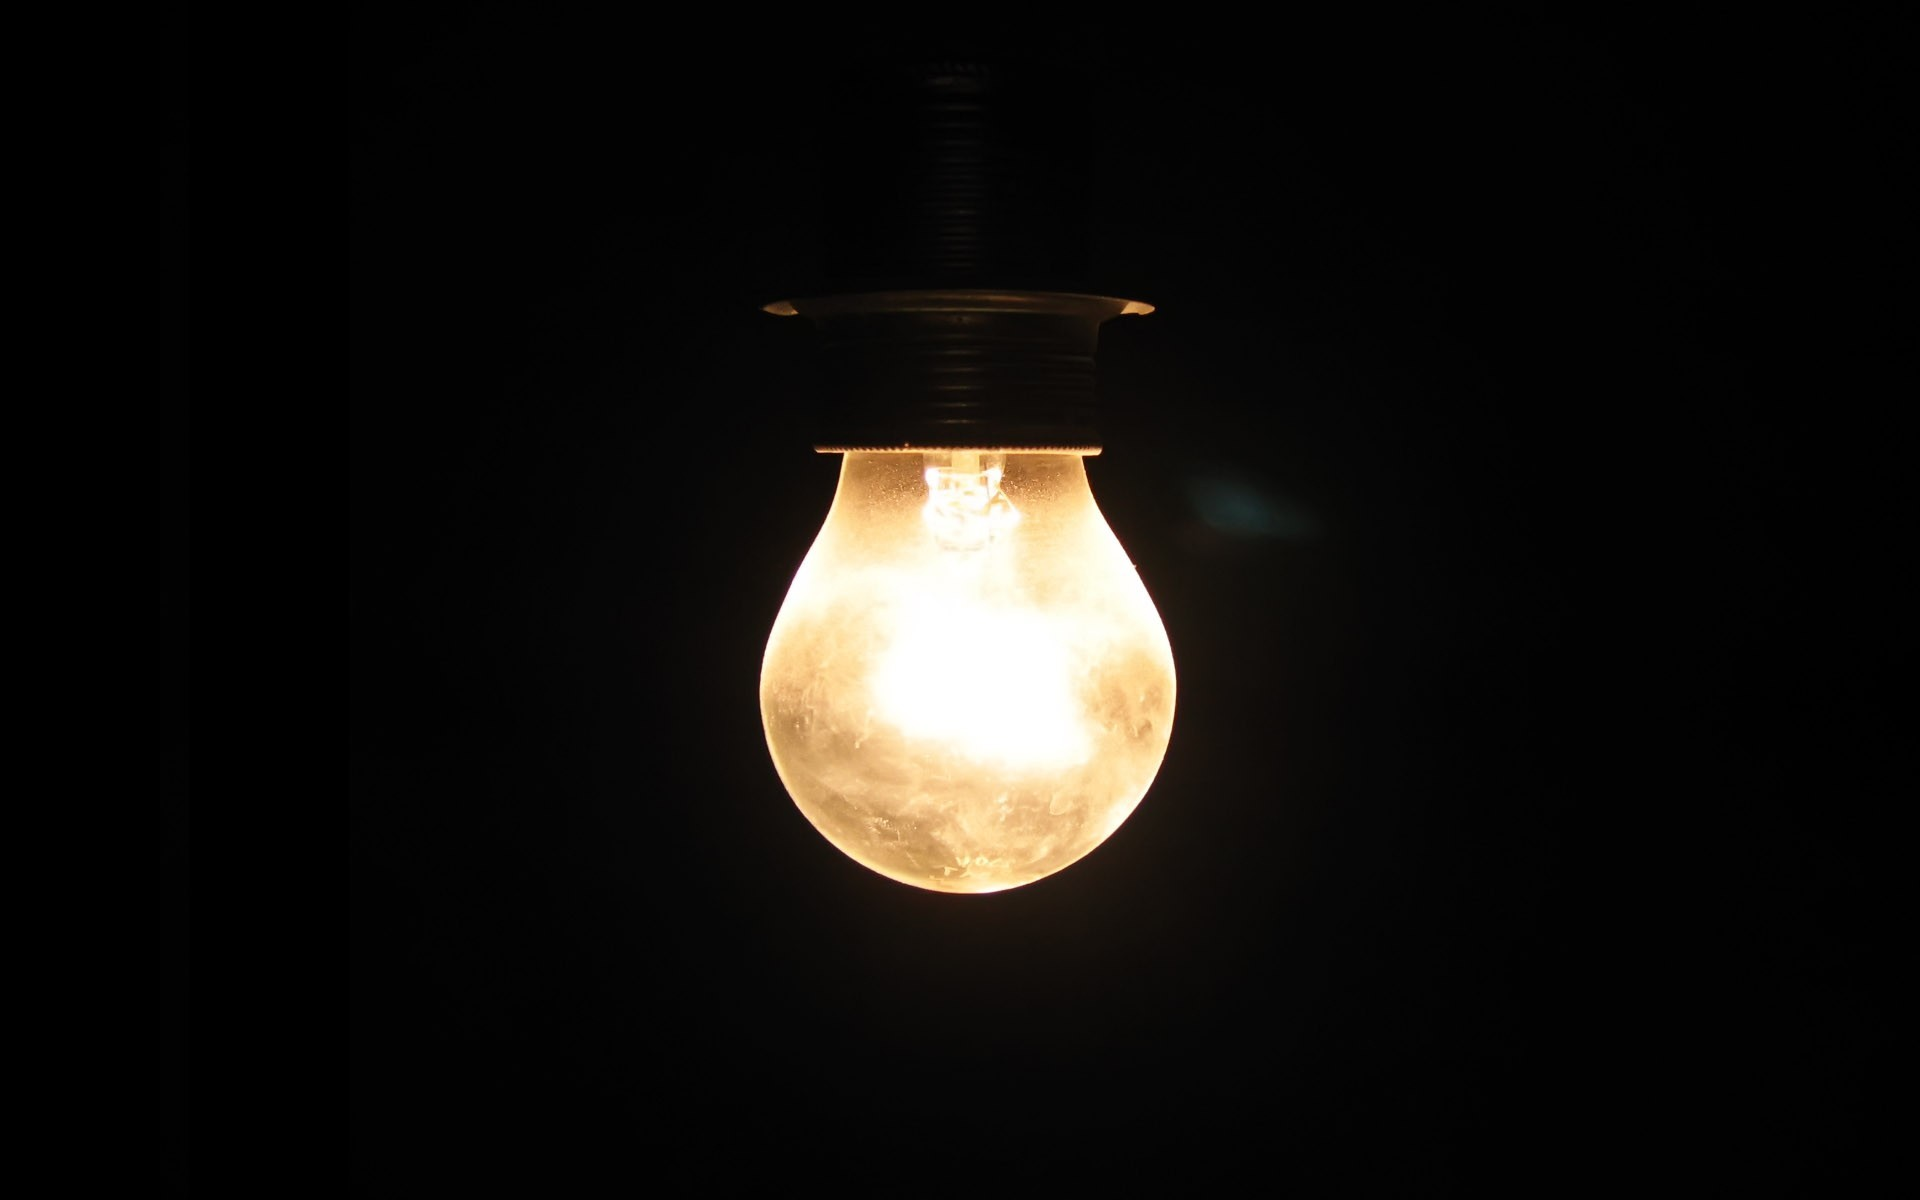 светильник бесплатно